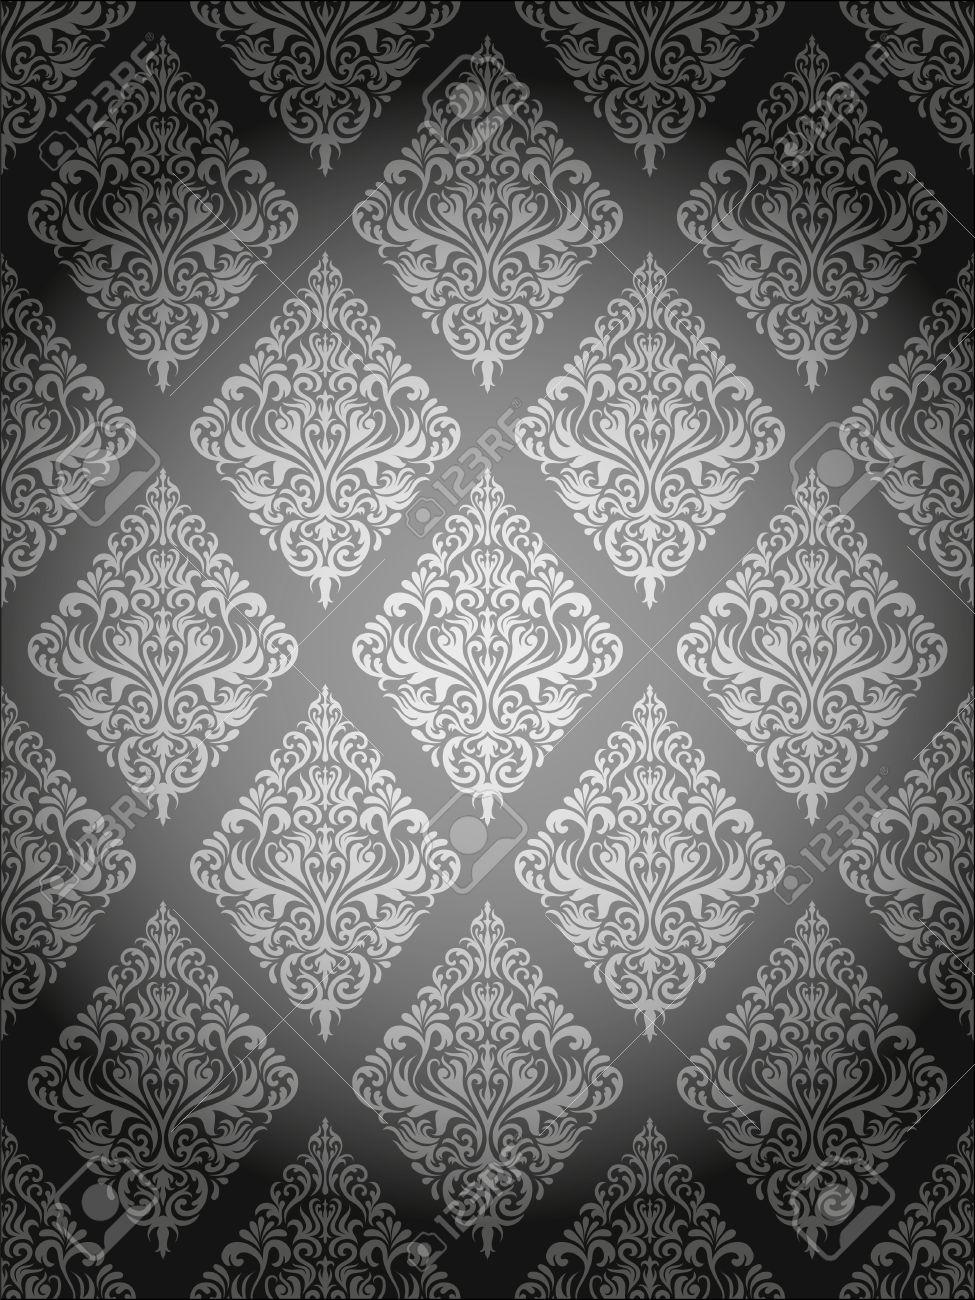 grey damask background